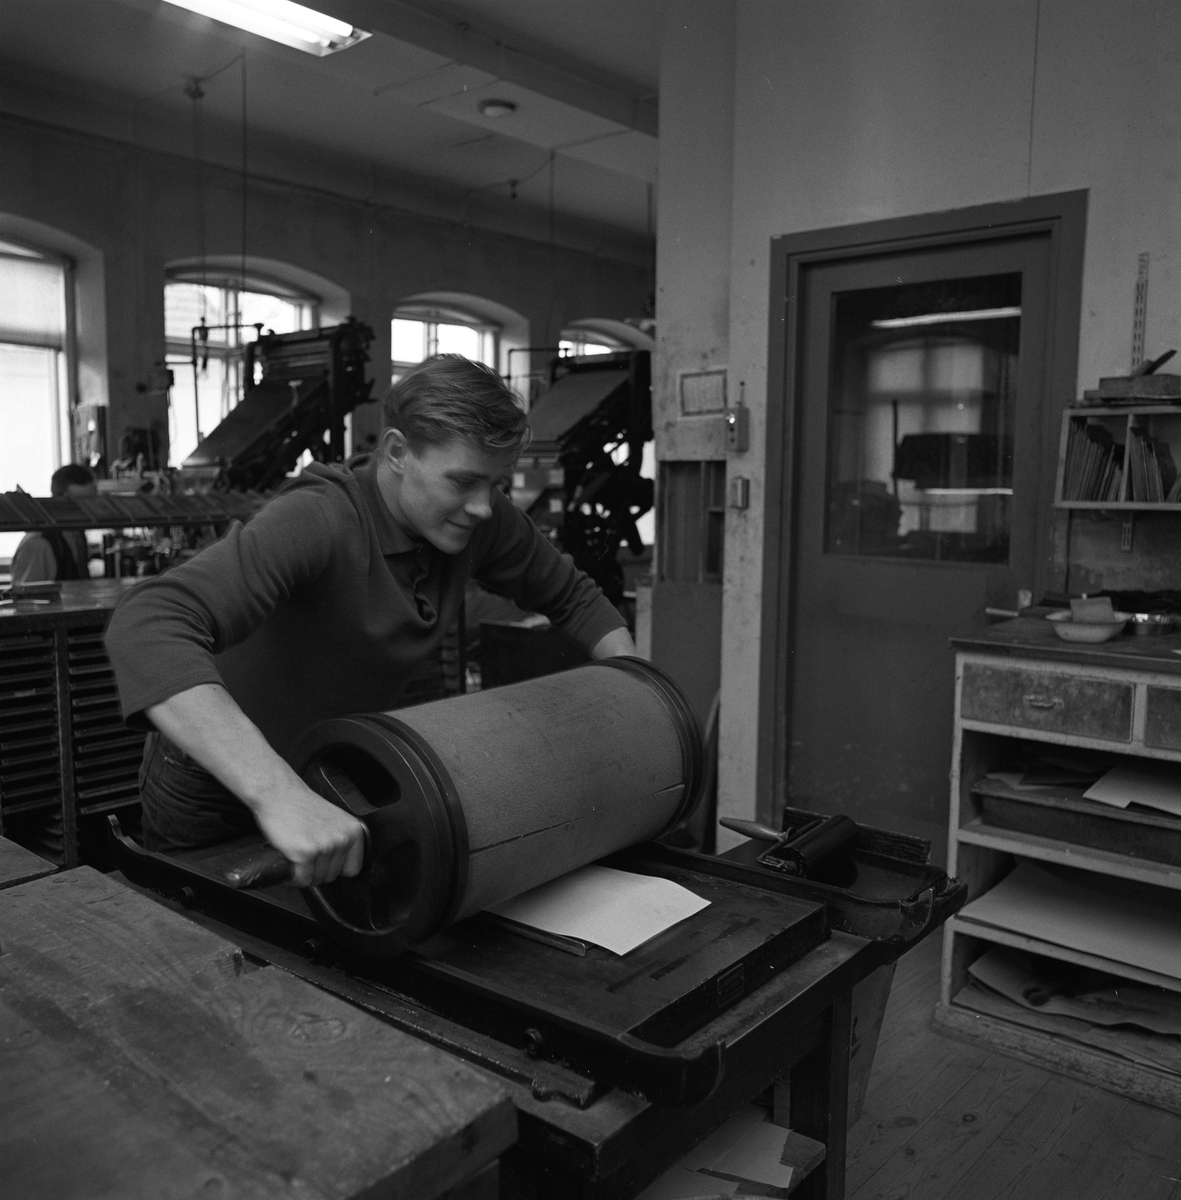 Arboga Tidning, personal och interiör. En man med en vals. I bakgrunden syns flera maskiner, en arbetsbänk och en dörr till ett annat rum.